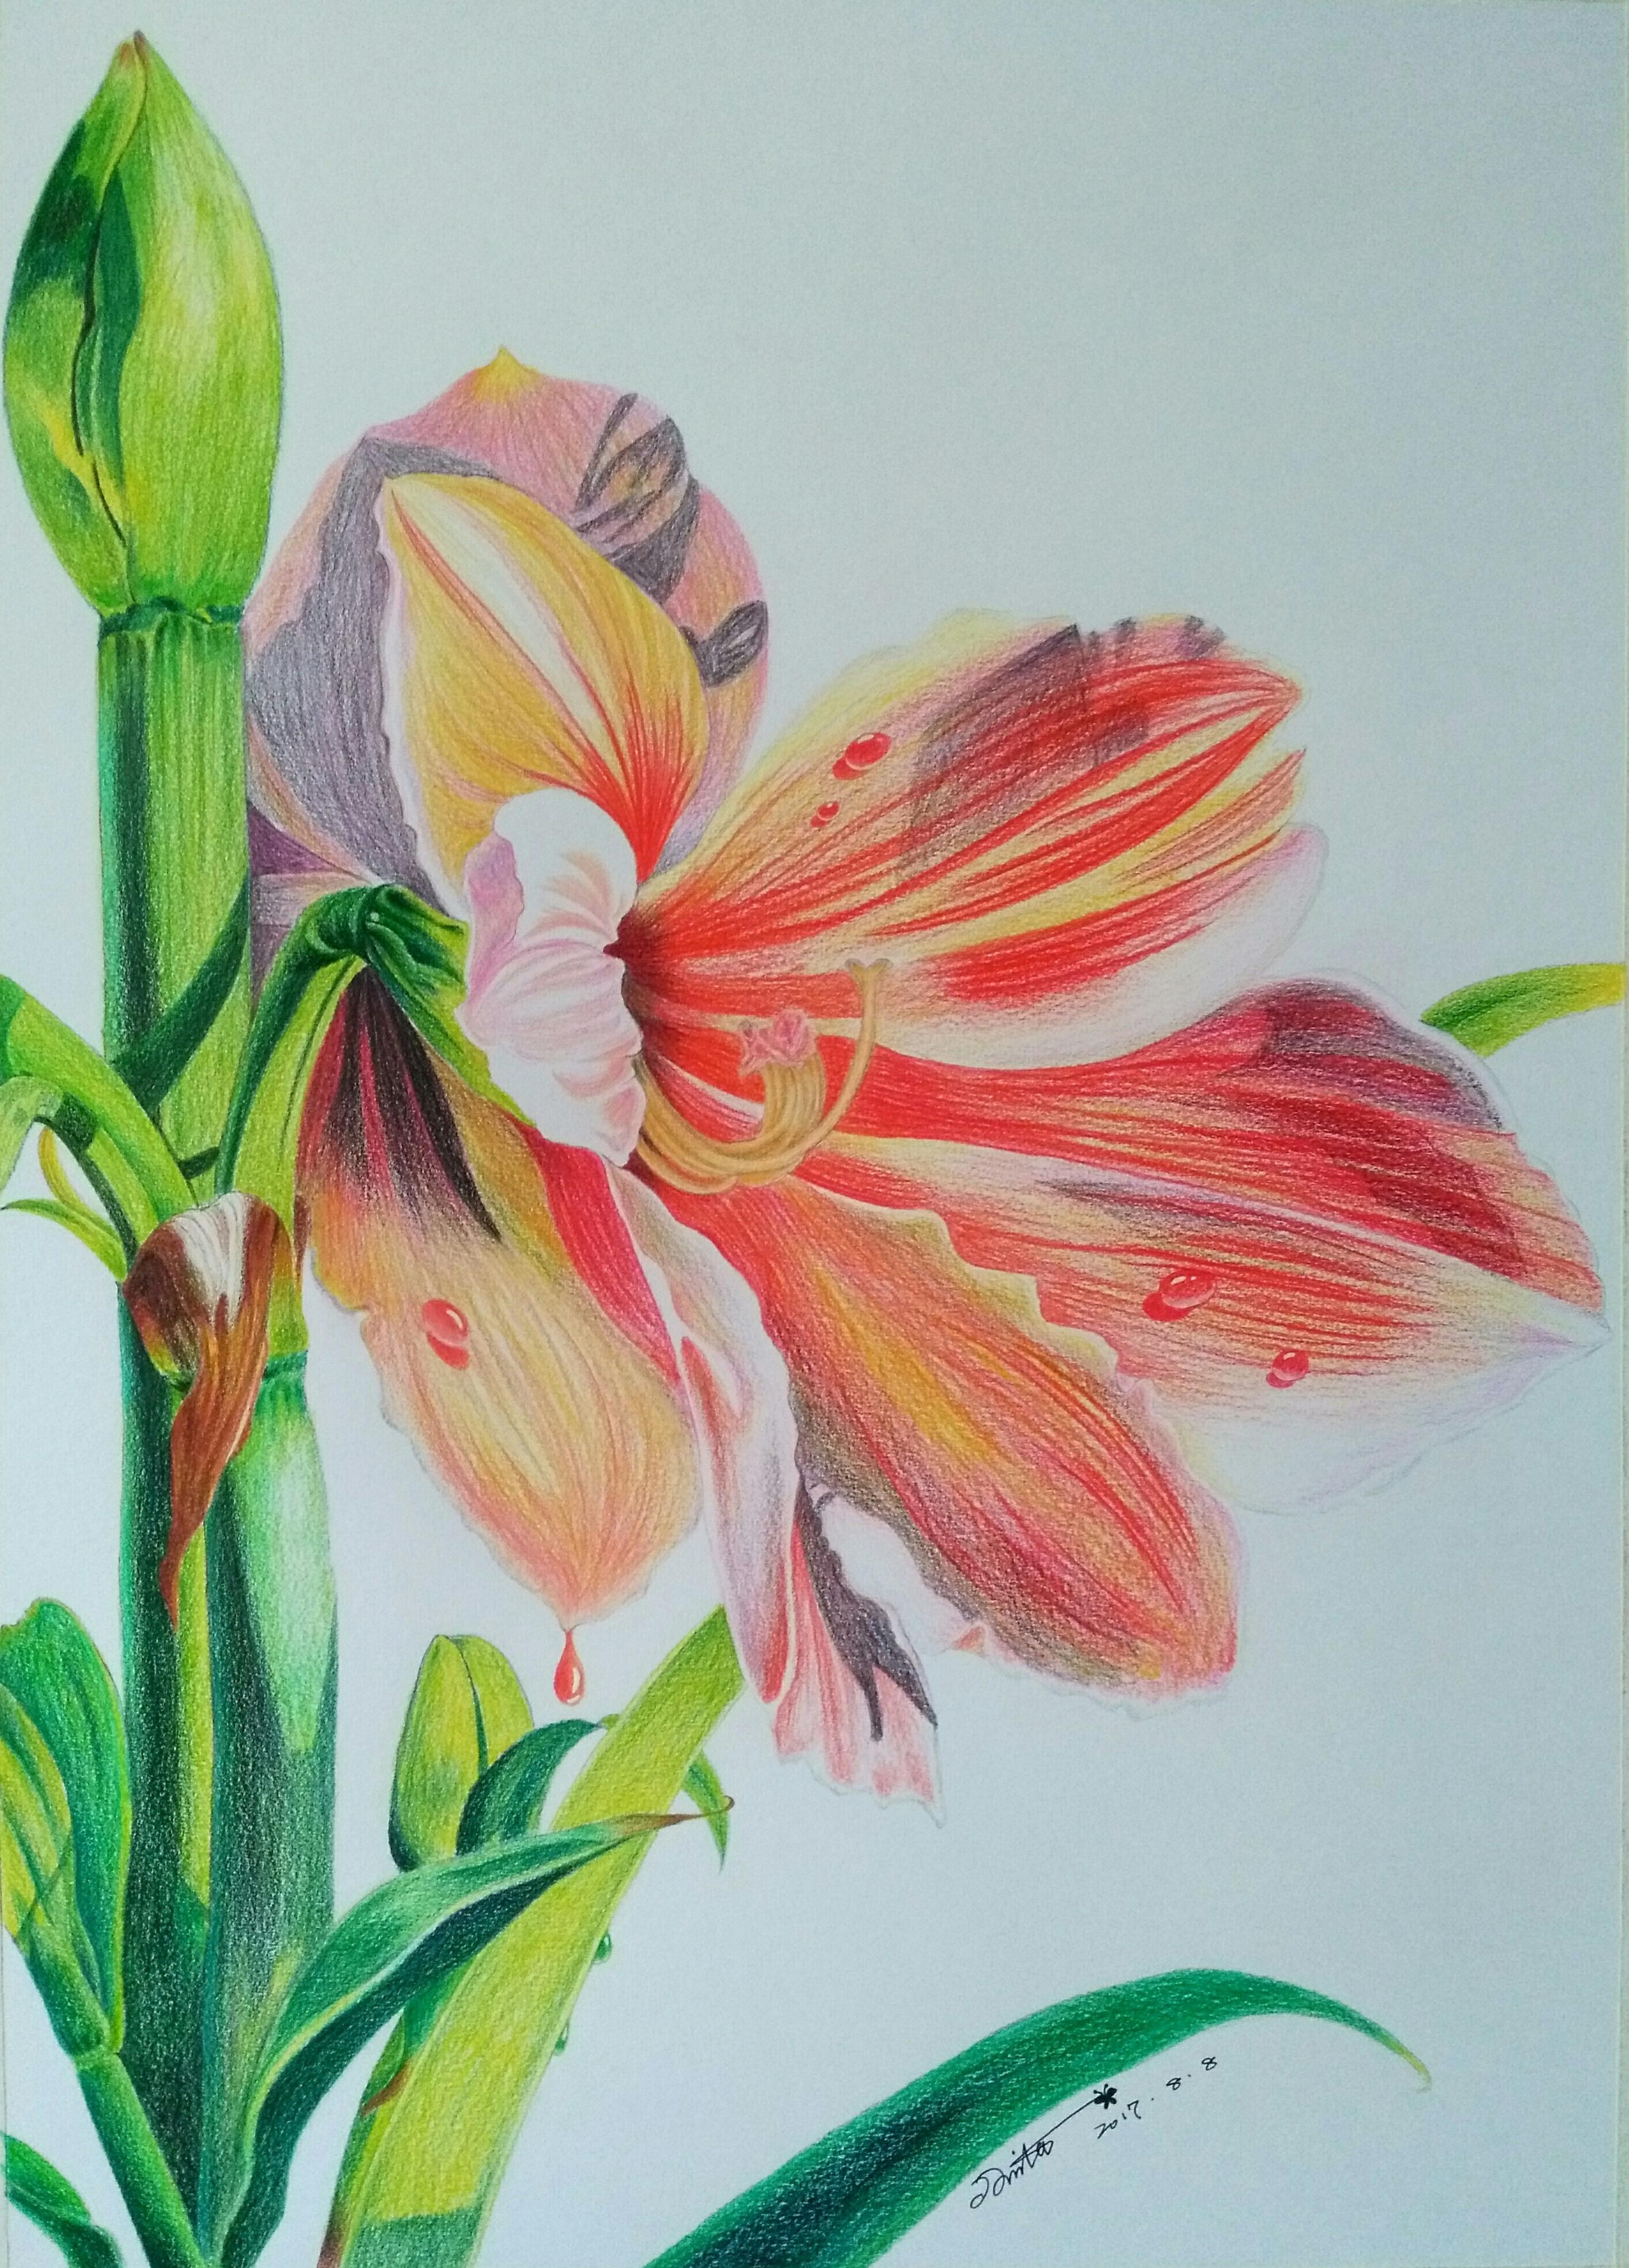 彩铅花卉|纯艺术|彩铅|燕京 - 原创作品 - 站酷图片